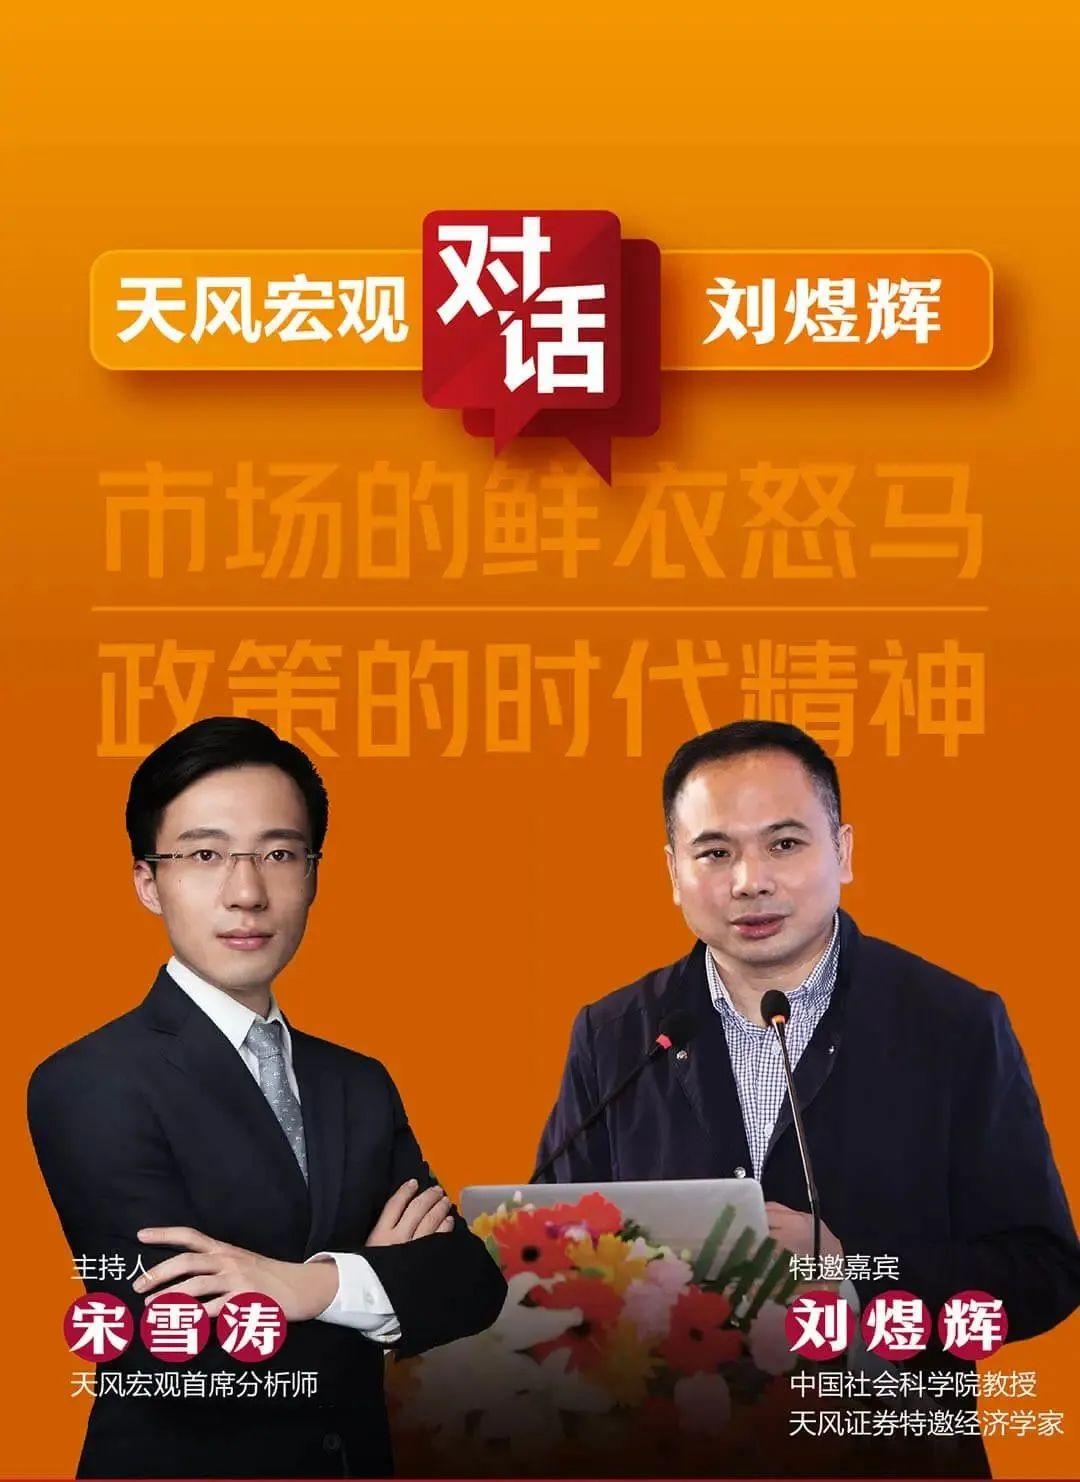 刘煜辉:分化才刚刚开始,旧世界没有死心,未来必有小市值公司的长牛